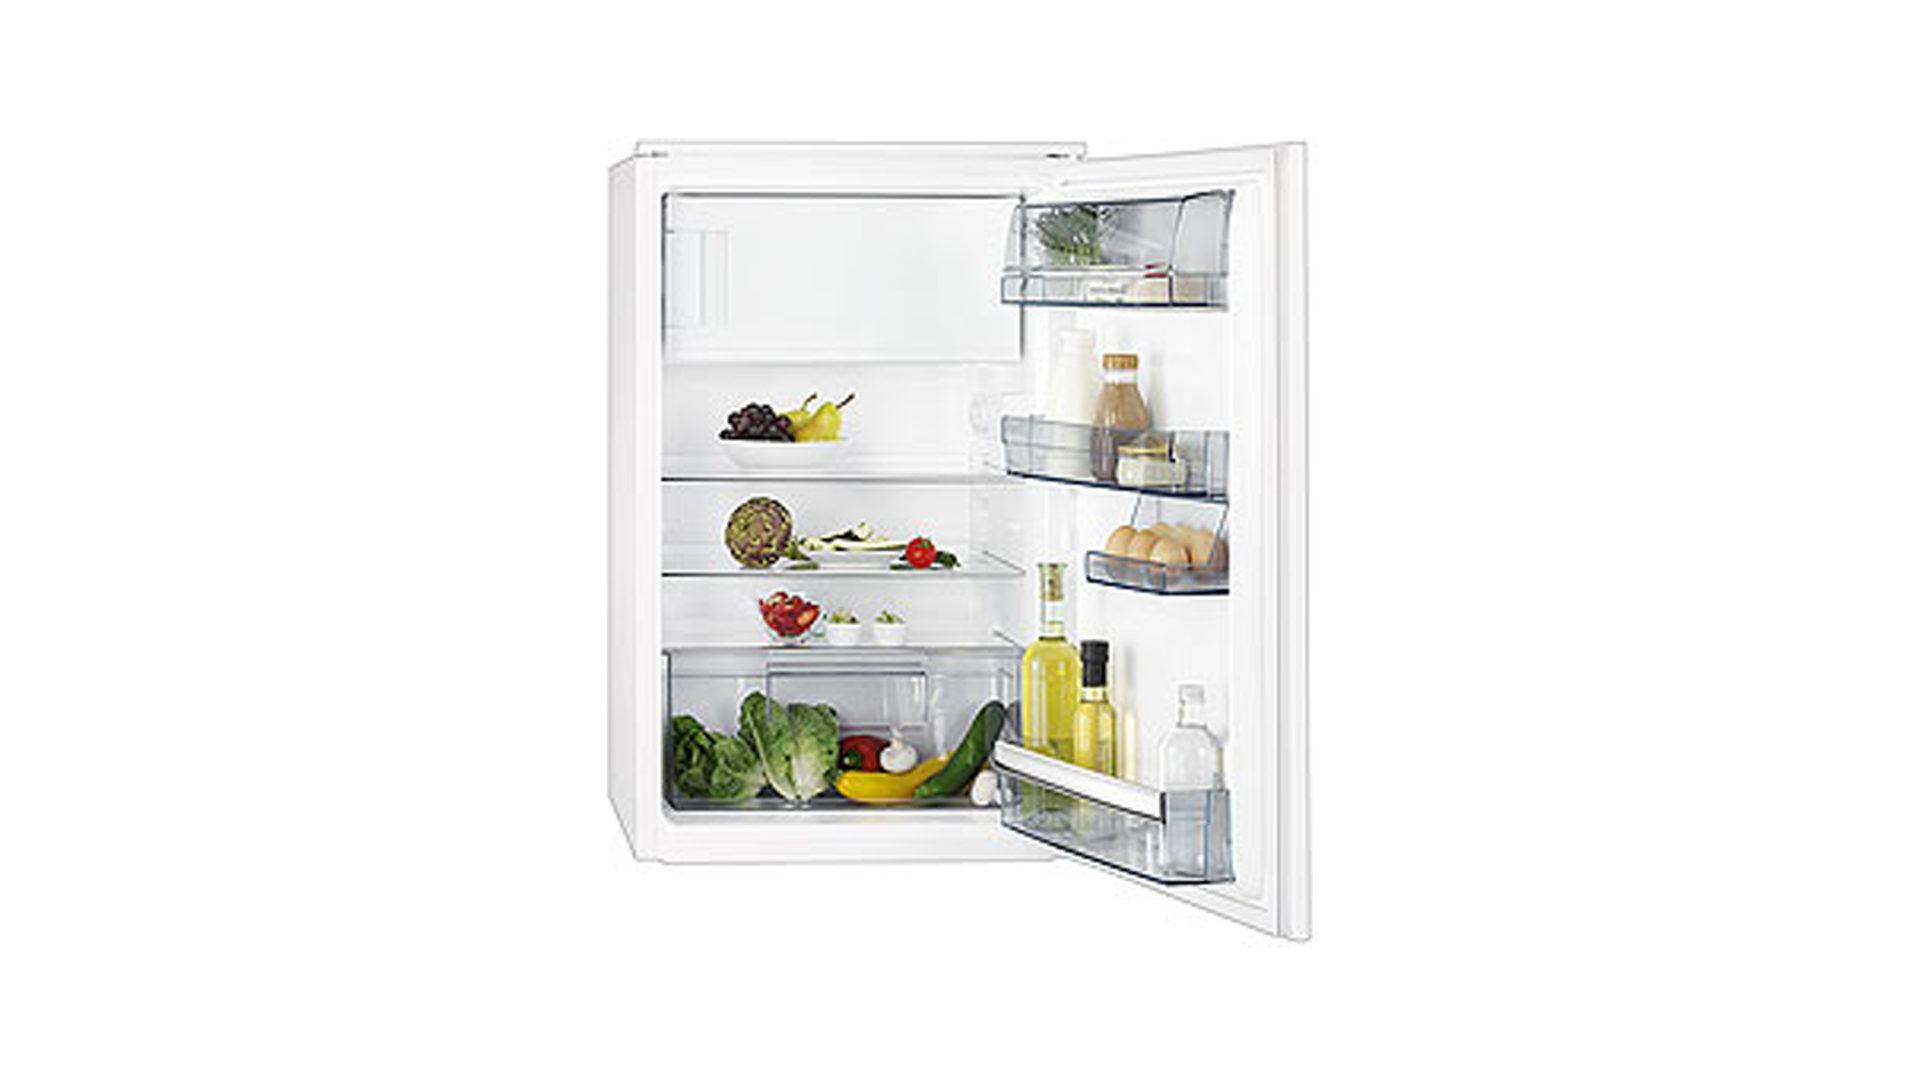 Aeg Kühlschrank Kaufen : Möbel bernskötter mülheim aeg kühlschrank mit gefrierfach sd s